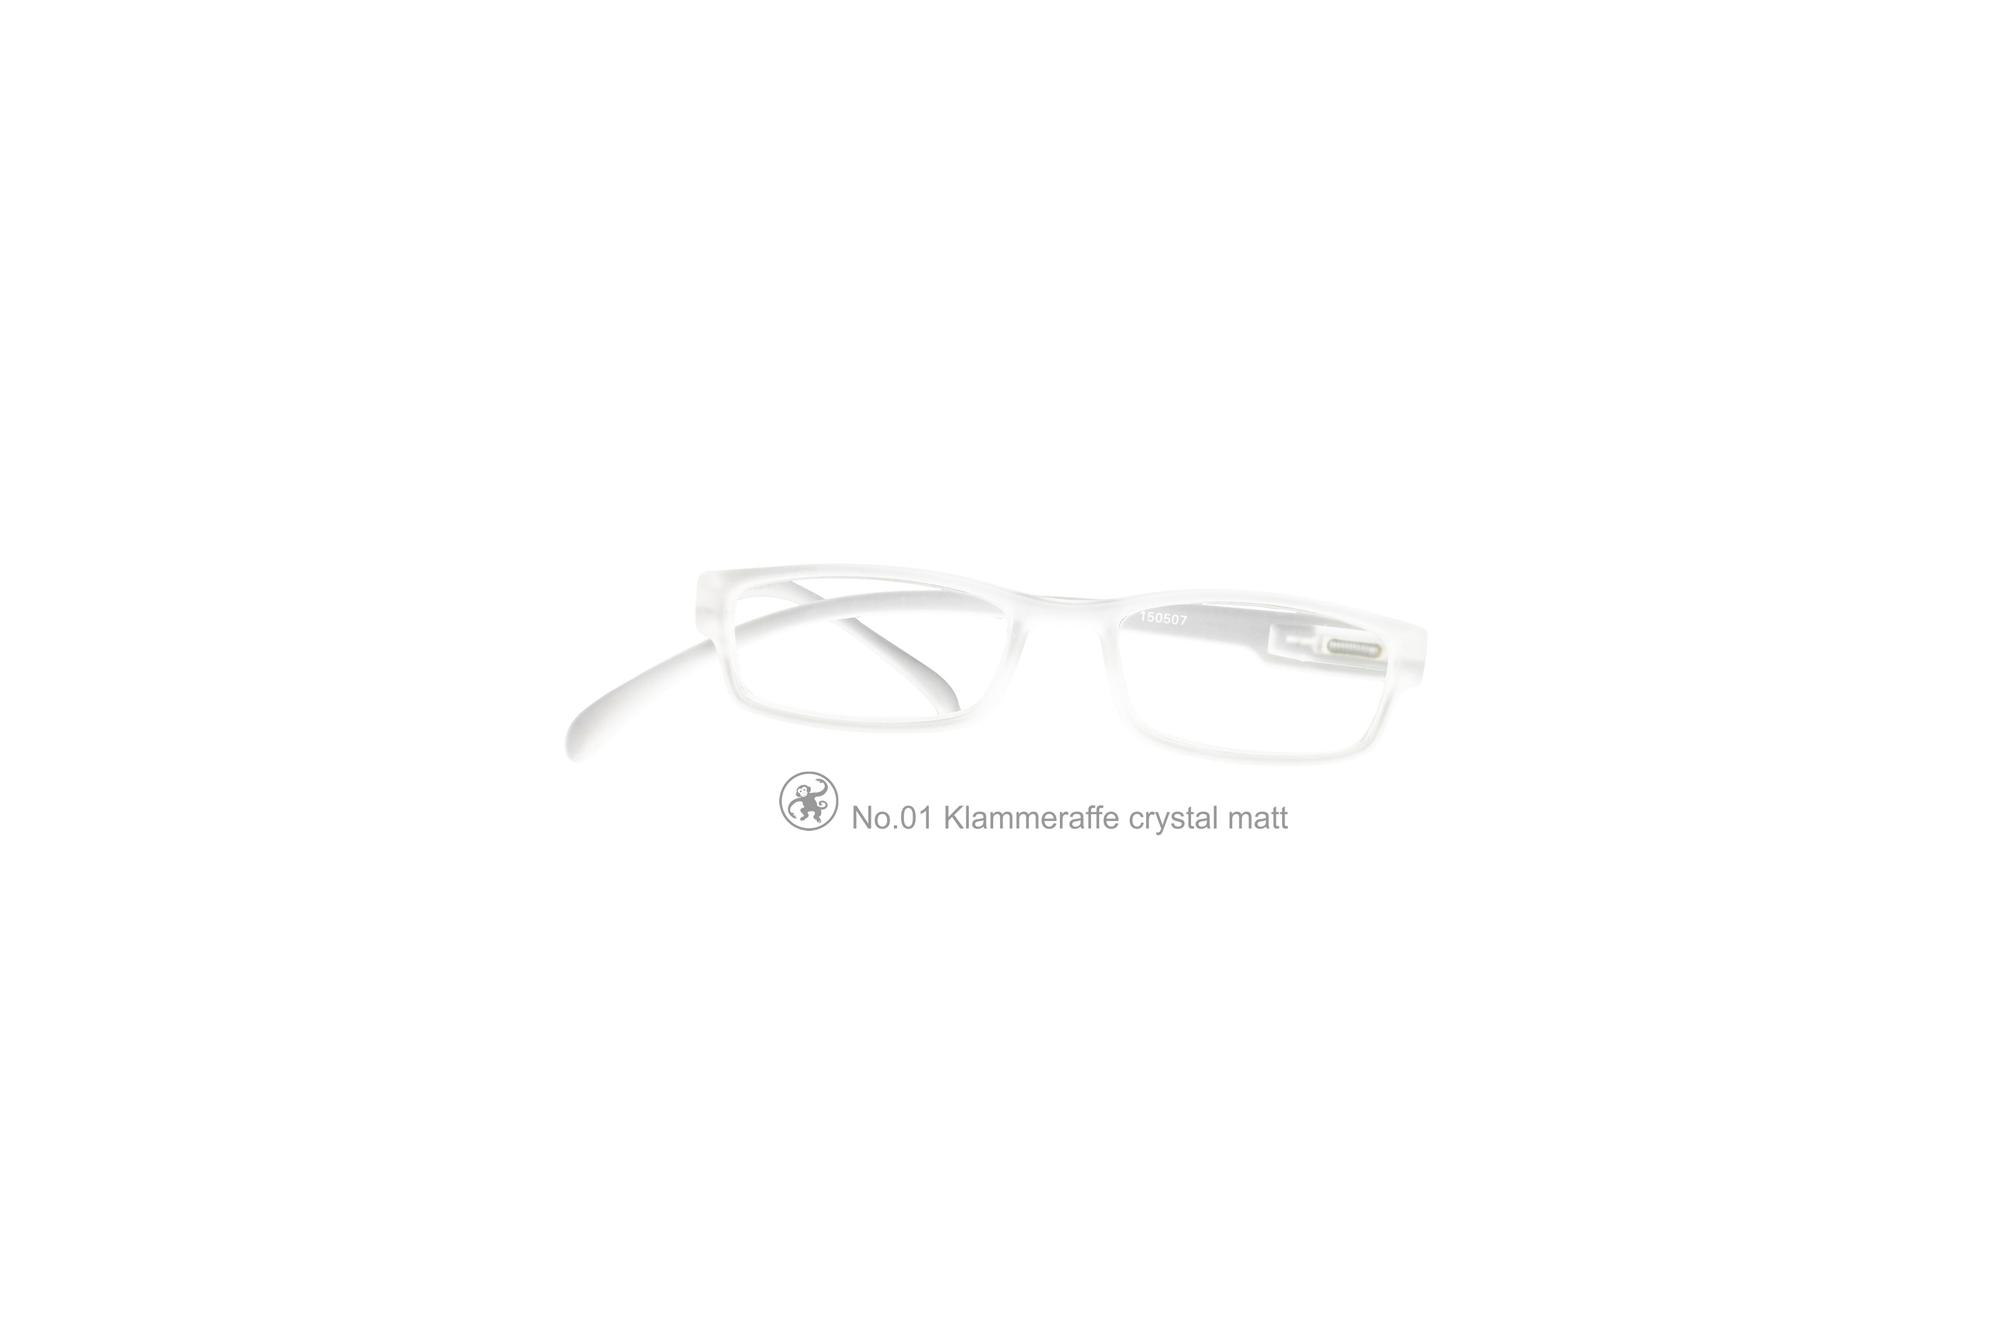 Klammeraffe Modell 01, crystal matt